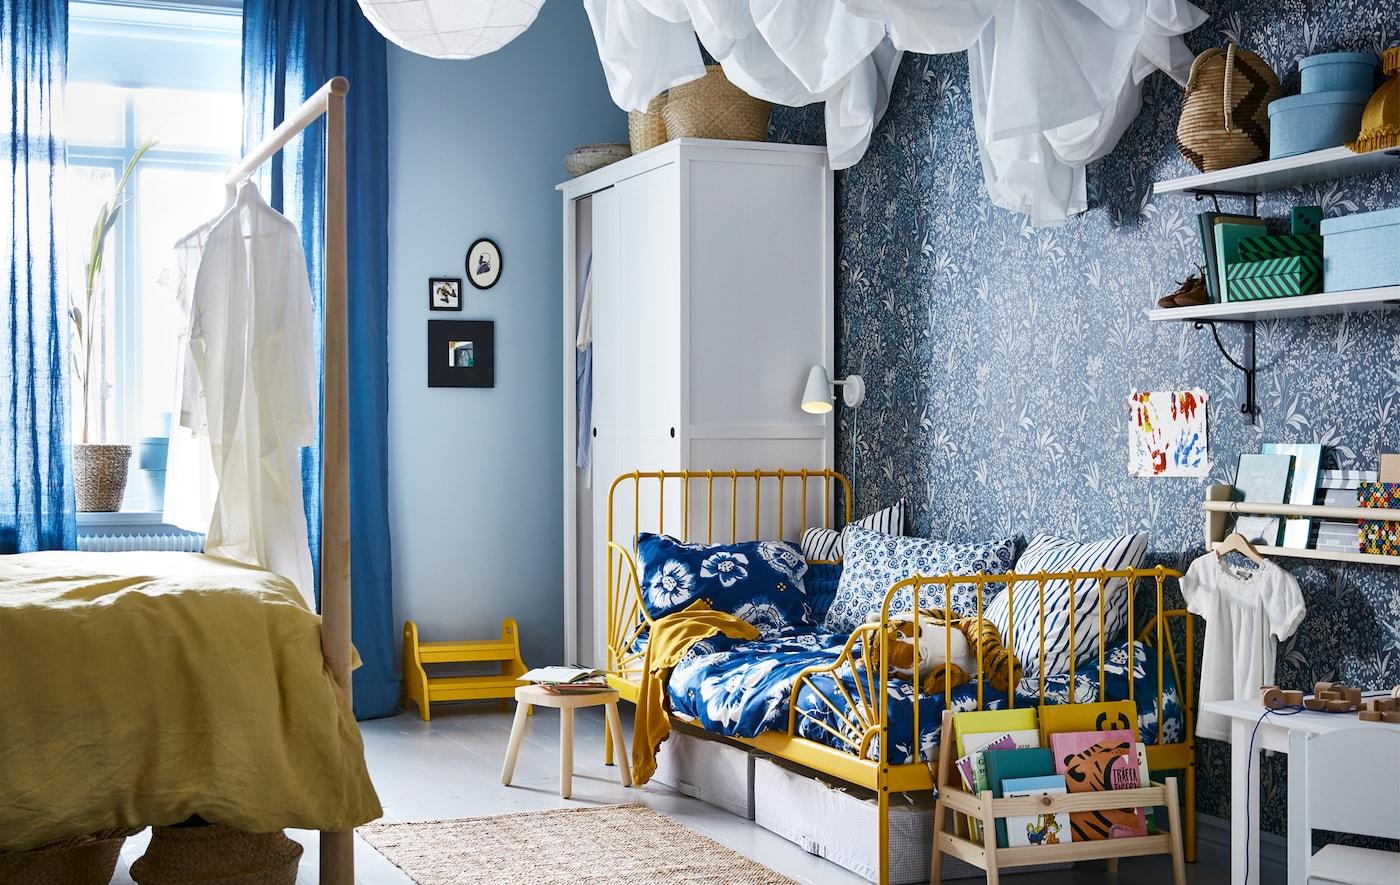 غرفة نوم بنظام لوني يتضمن الأزرق والأصفر، مع سرير للبالغين على جانب وسرير لطفل في الجانب الآخر.